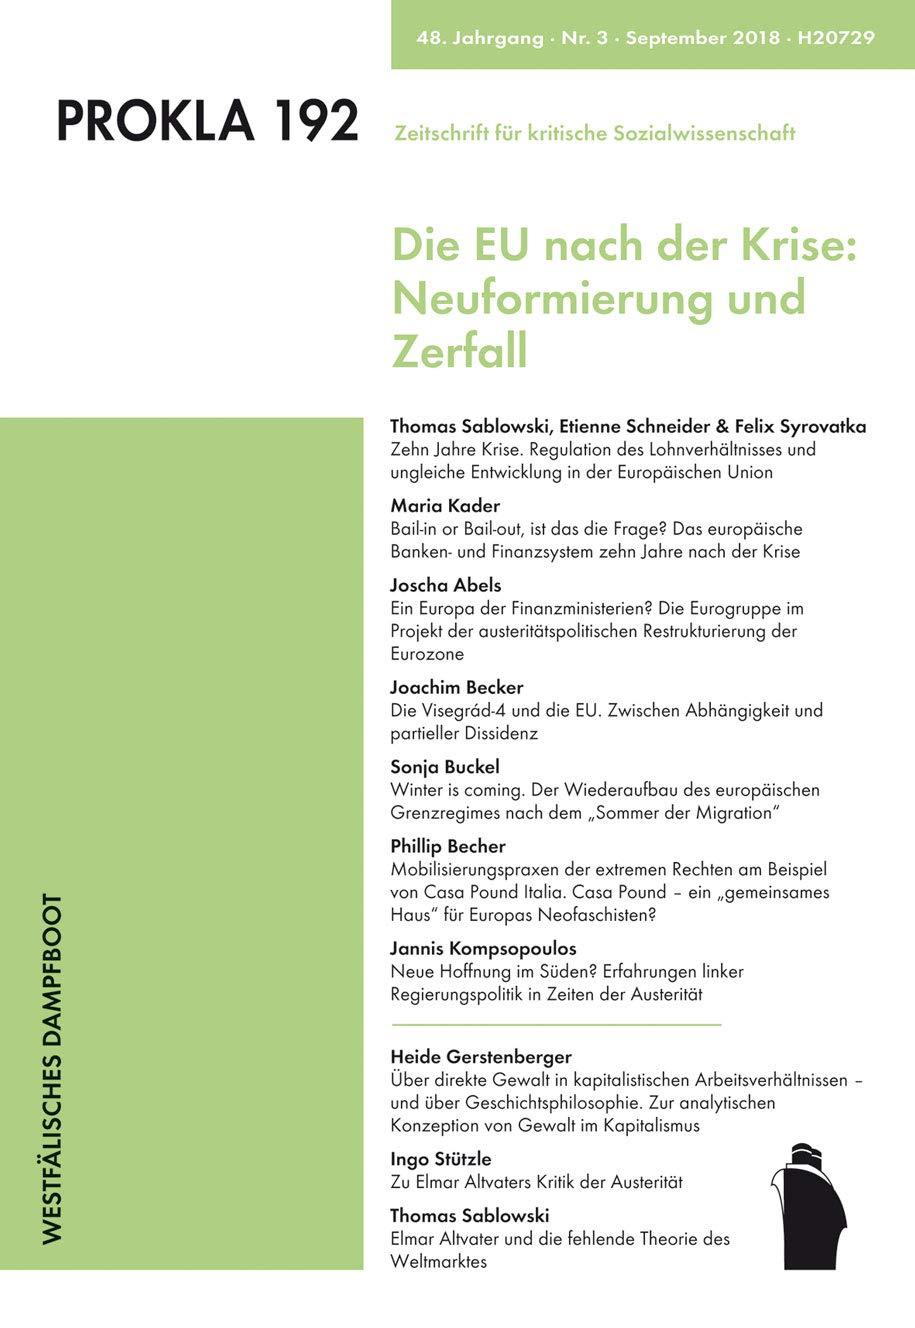 Die EU nach der Krise: Neuformierung und Zerfall Taschenbuch – 1. September 2018 PROKLA 192 Westfälisches Dampfboot 3896913921 Politikwissenschaft